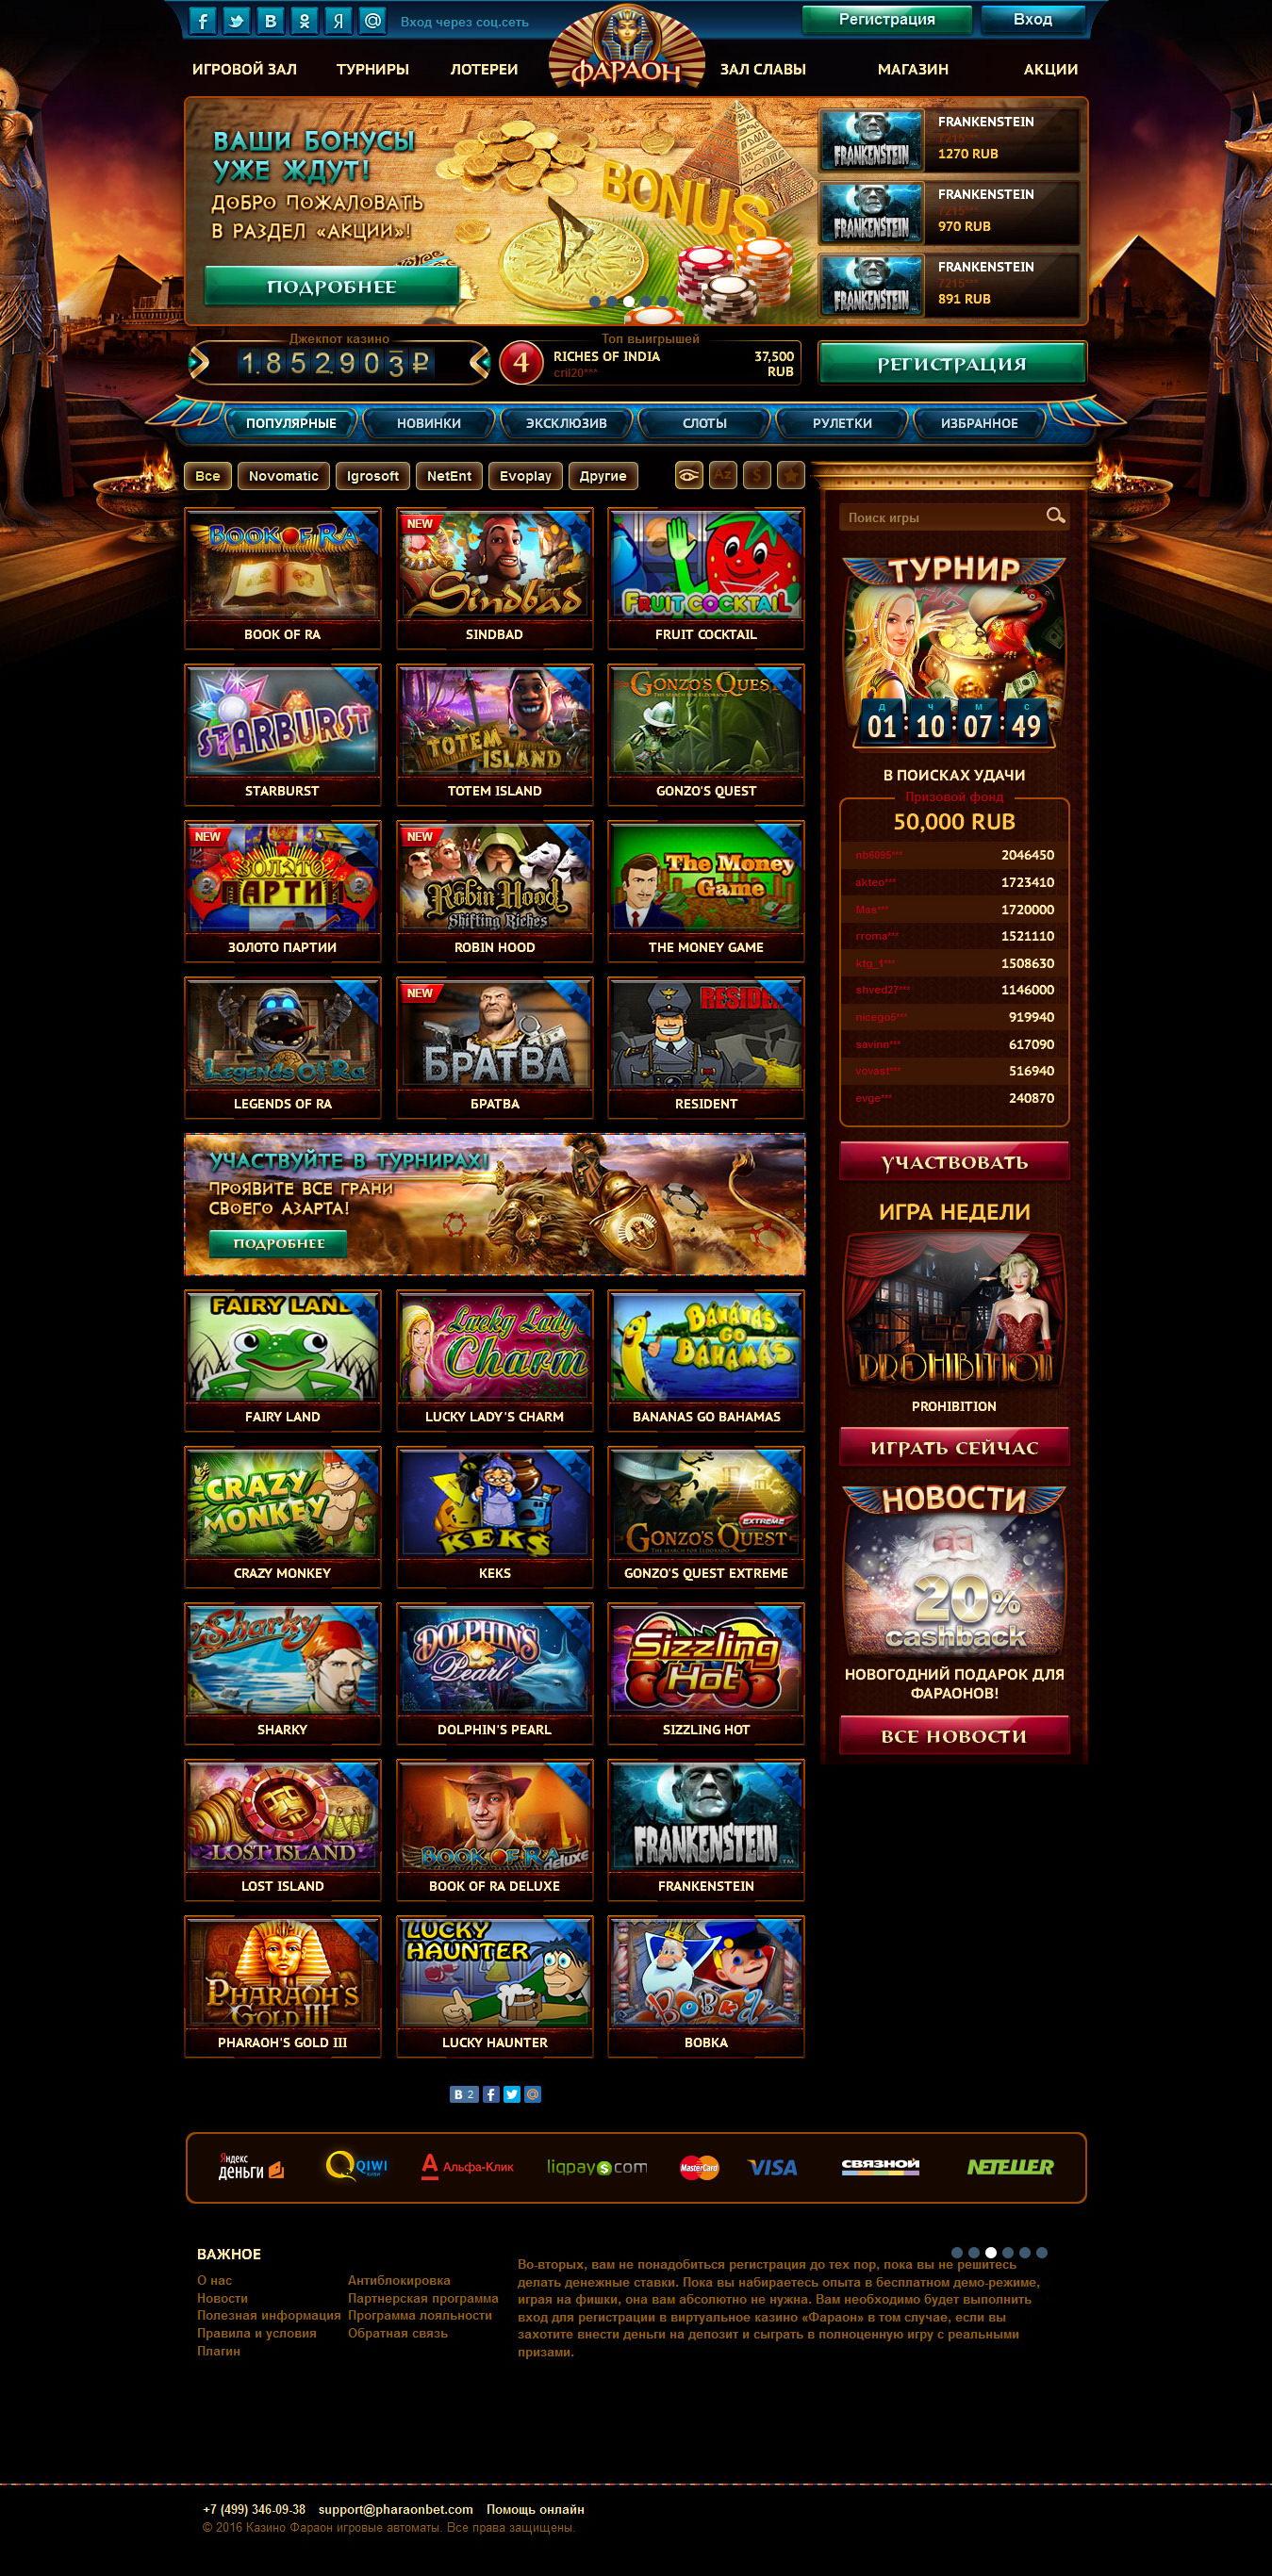 Можете воспользоваться возможностью бесплатно поиграть в нашем 888 казино играть в игровые автоматы казино бесплатно и без регистрации